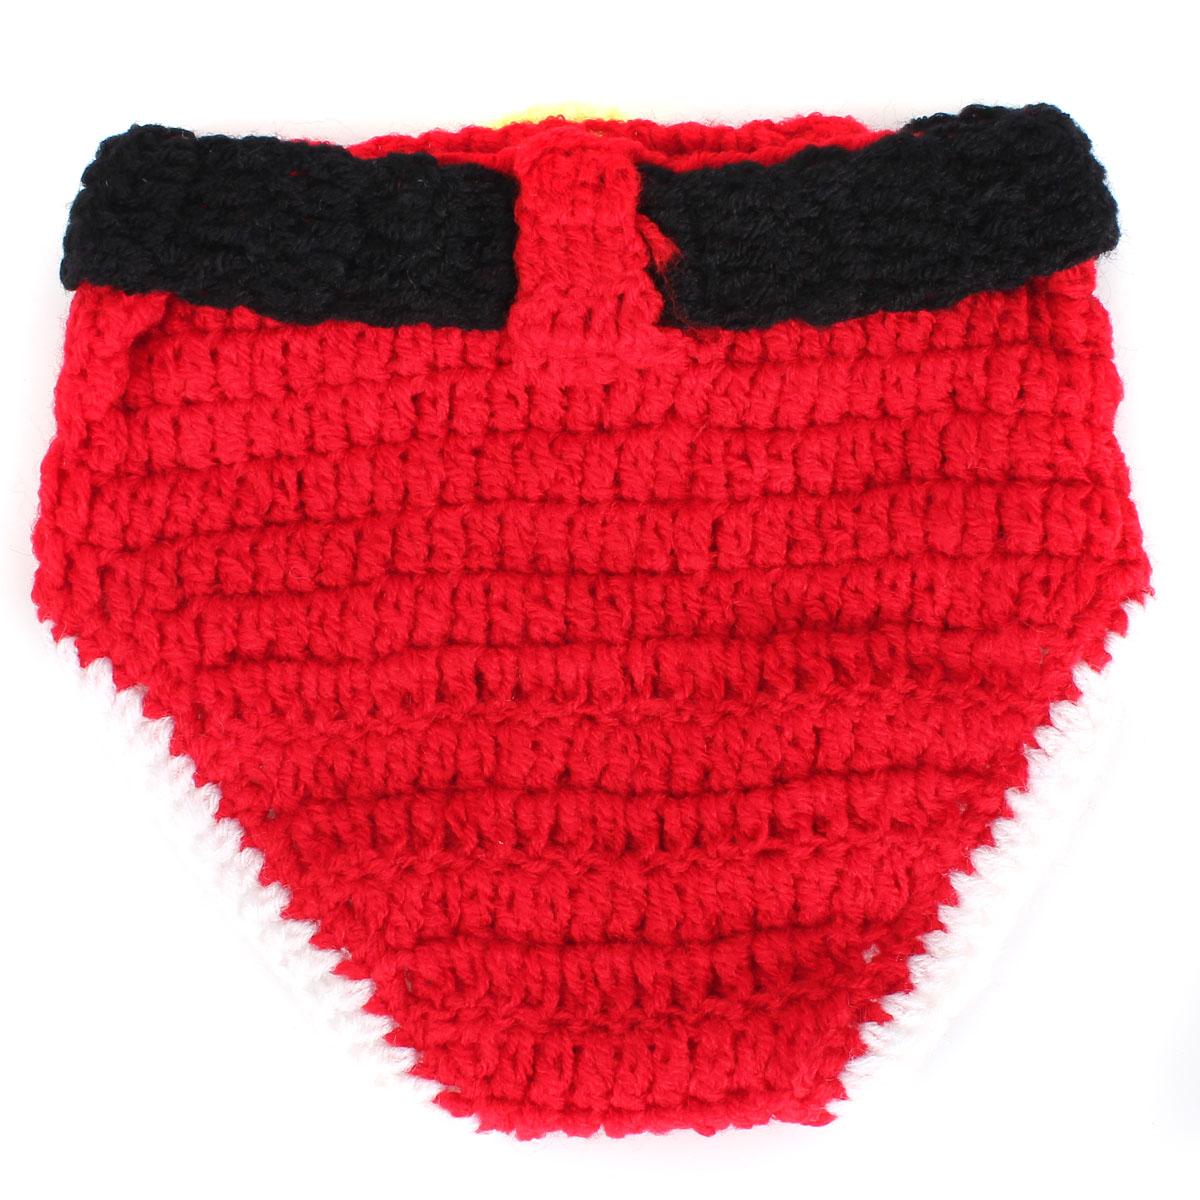 3618719c0e992 Unisex Père Noël Nouveau-né Bébé Vêtement Tricot Crochet Photo Rouge ...